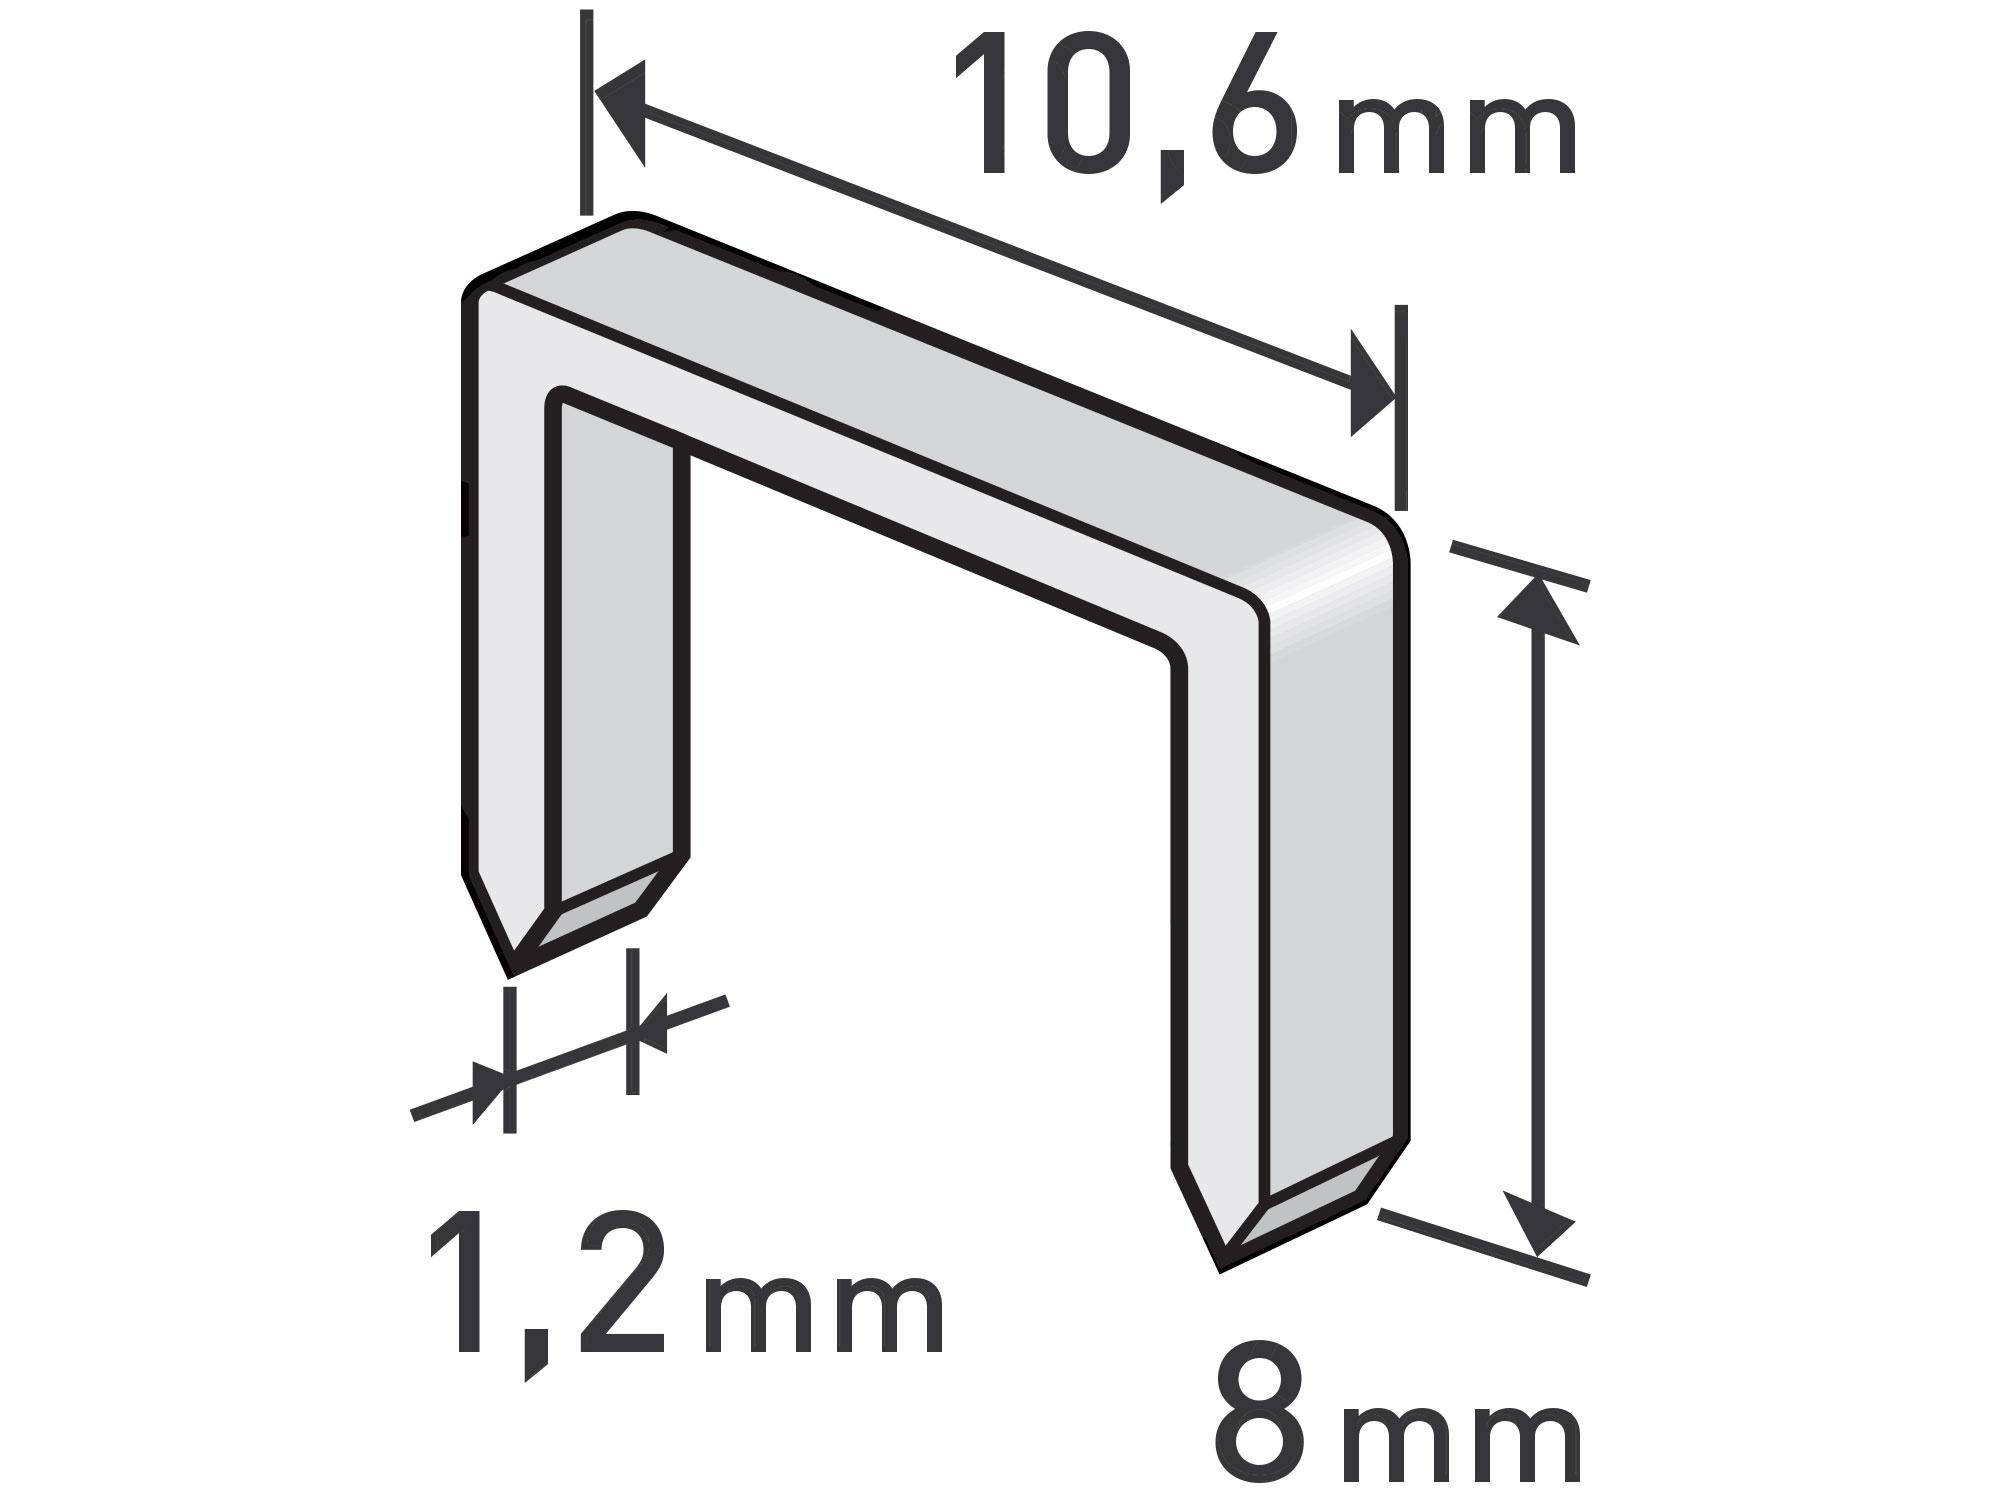 spony, balení 1000ks, 8mm, 10,6x0,52x1,2mm, EXTOL PREMIUM 8852202